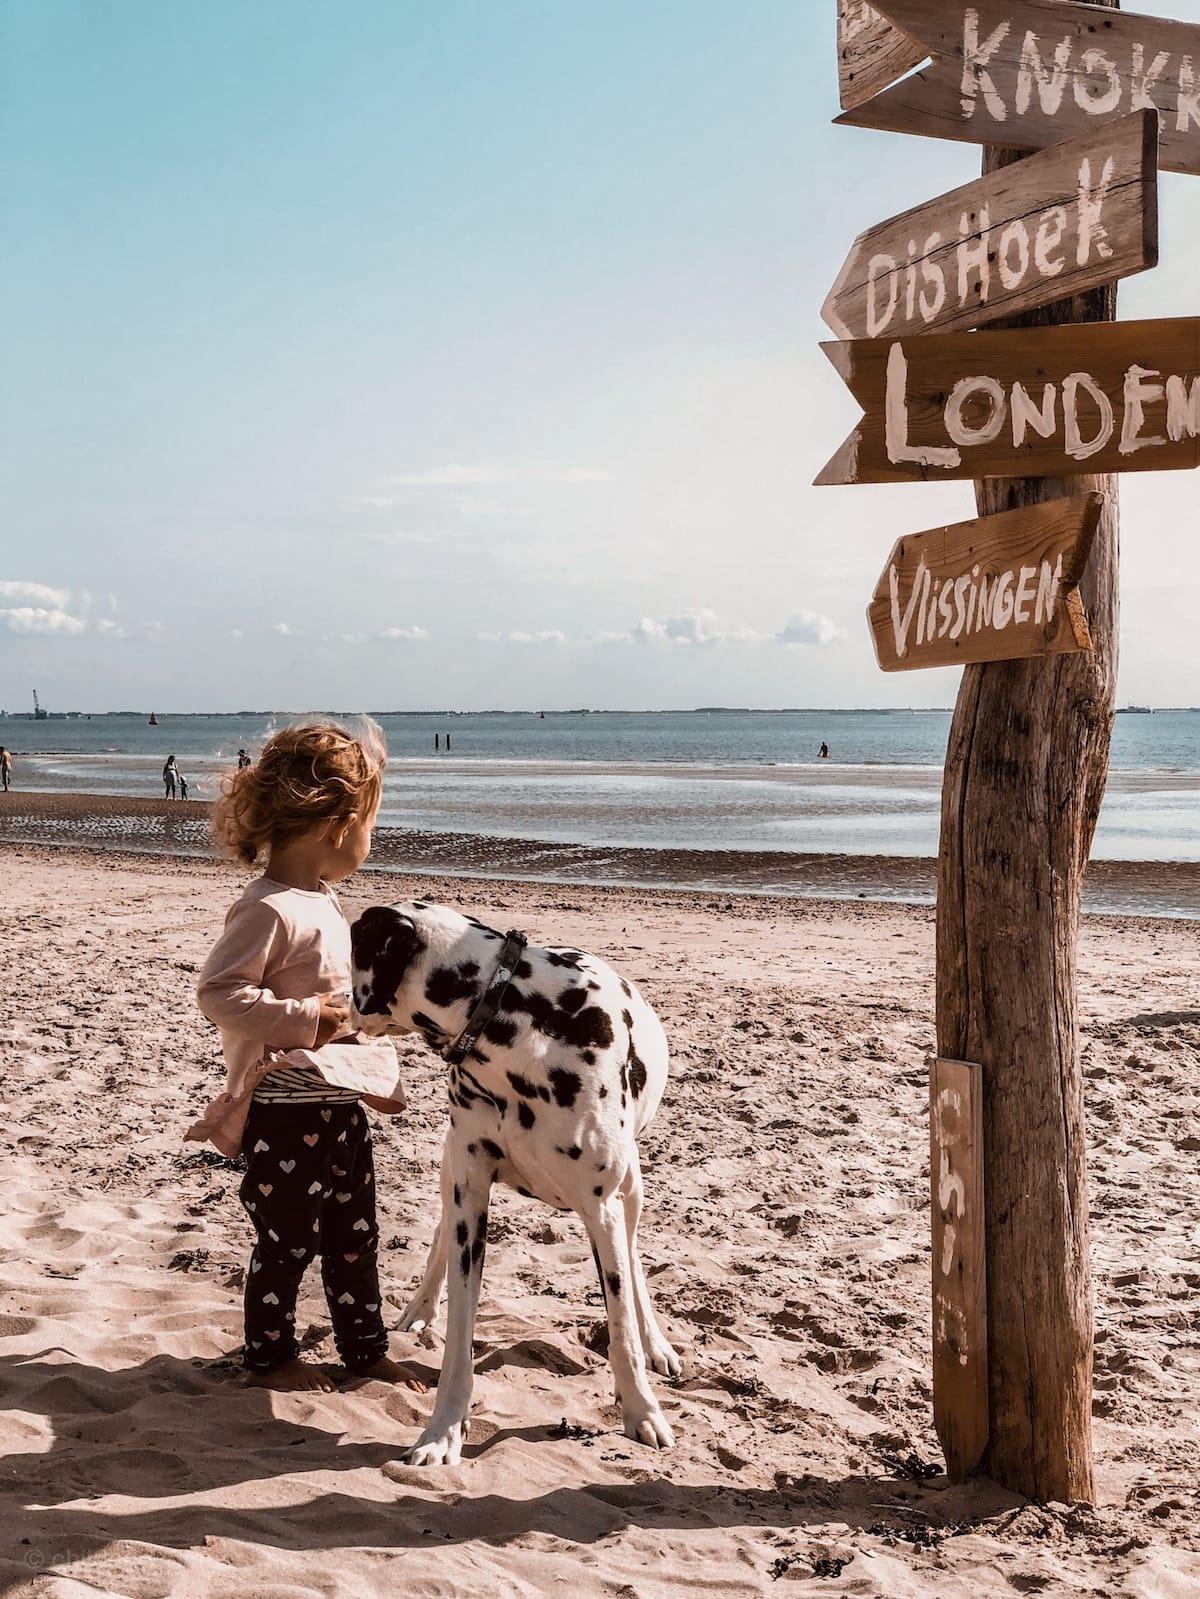 Zoutelande mit Kind und Hund, Holland Urlaub, Strände in Holland, Zeeland